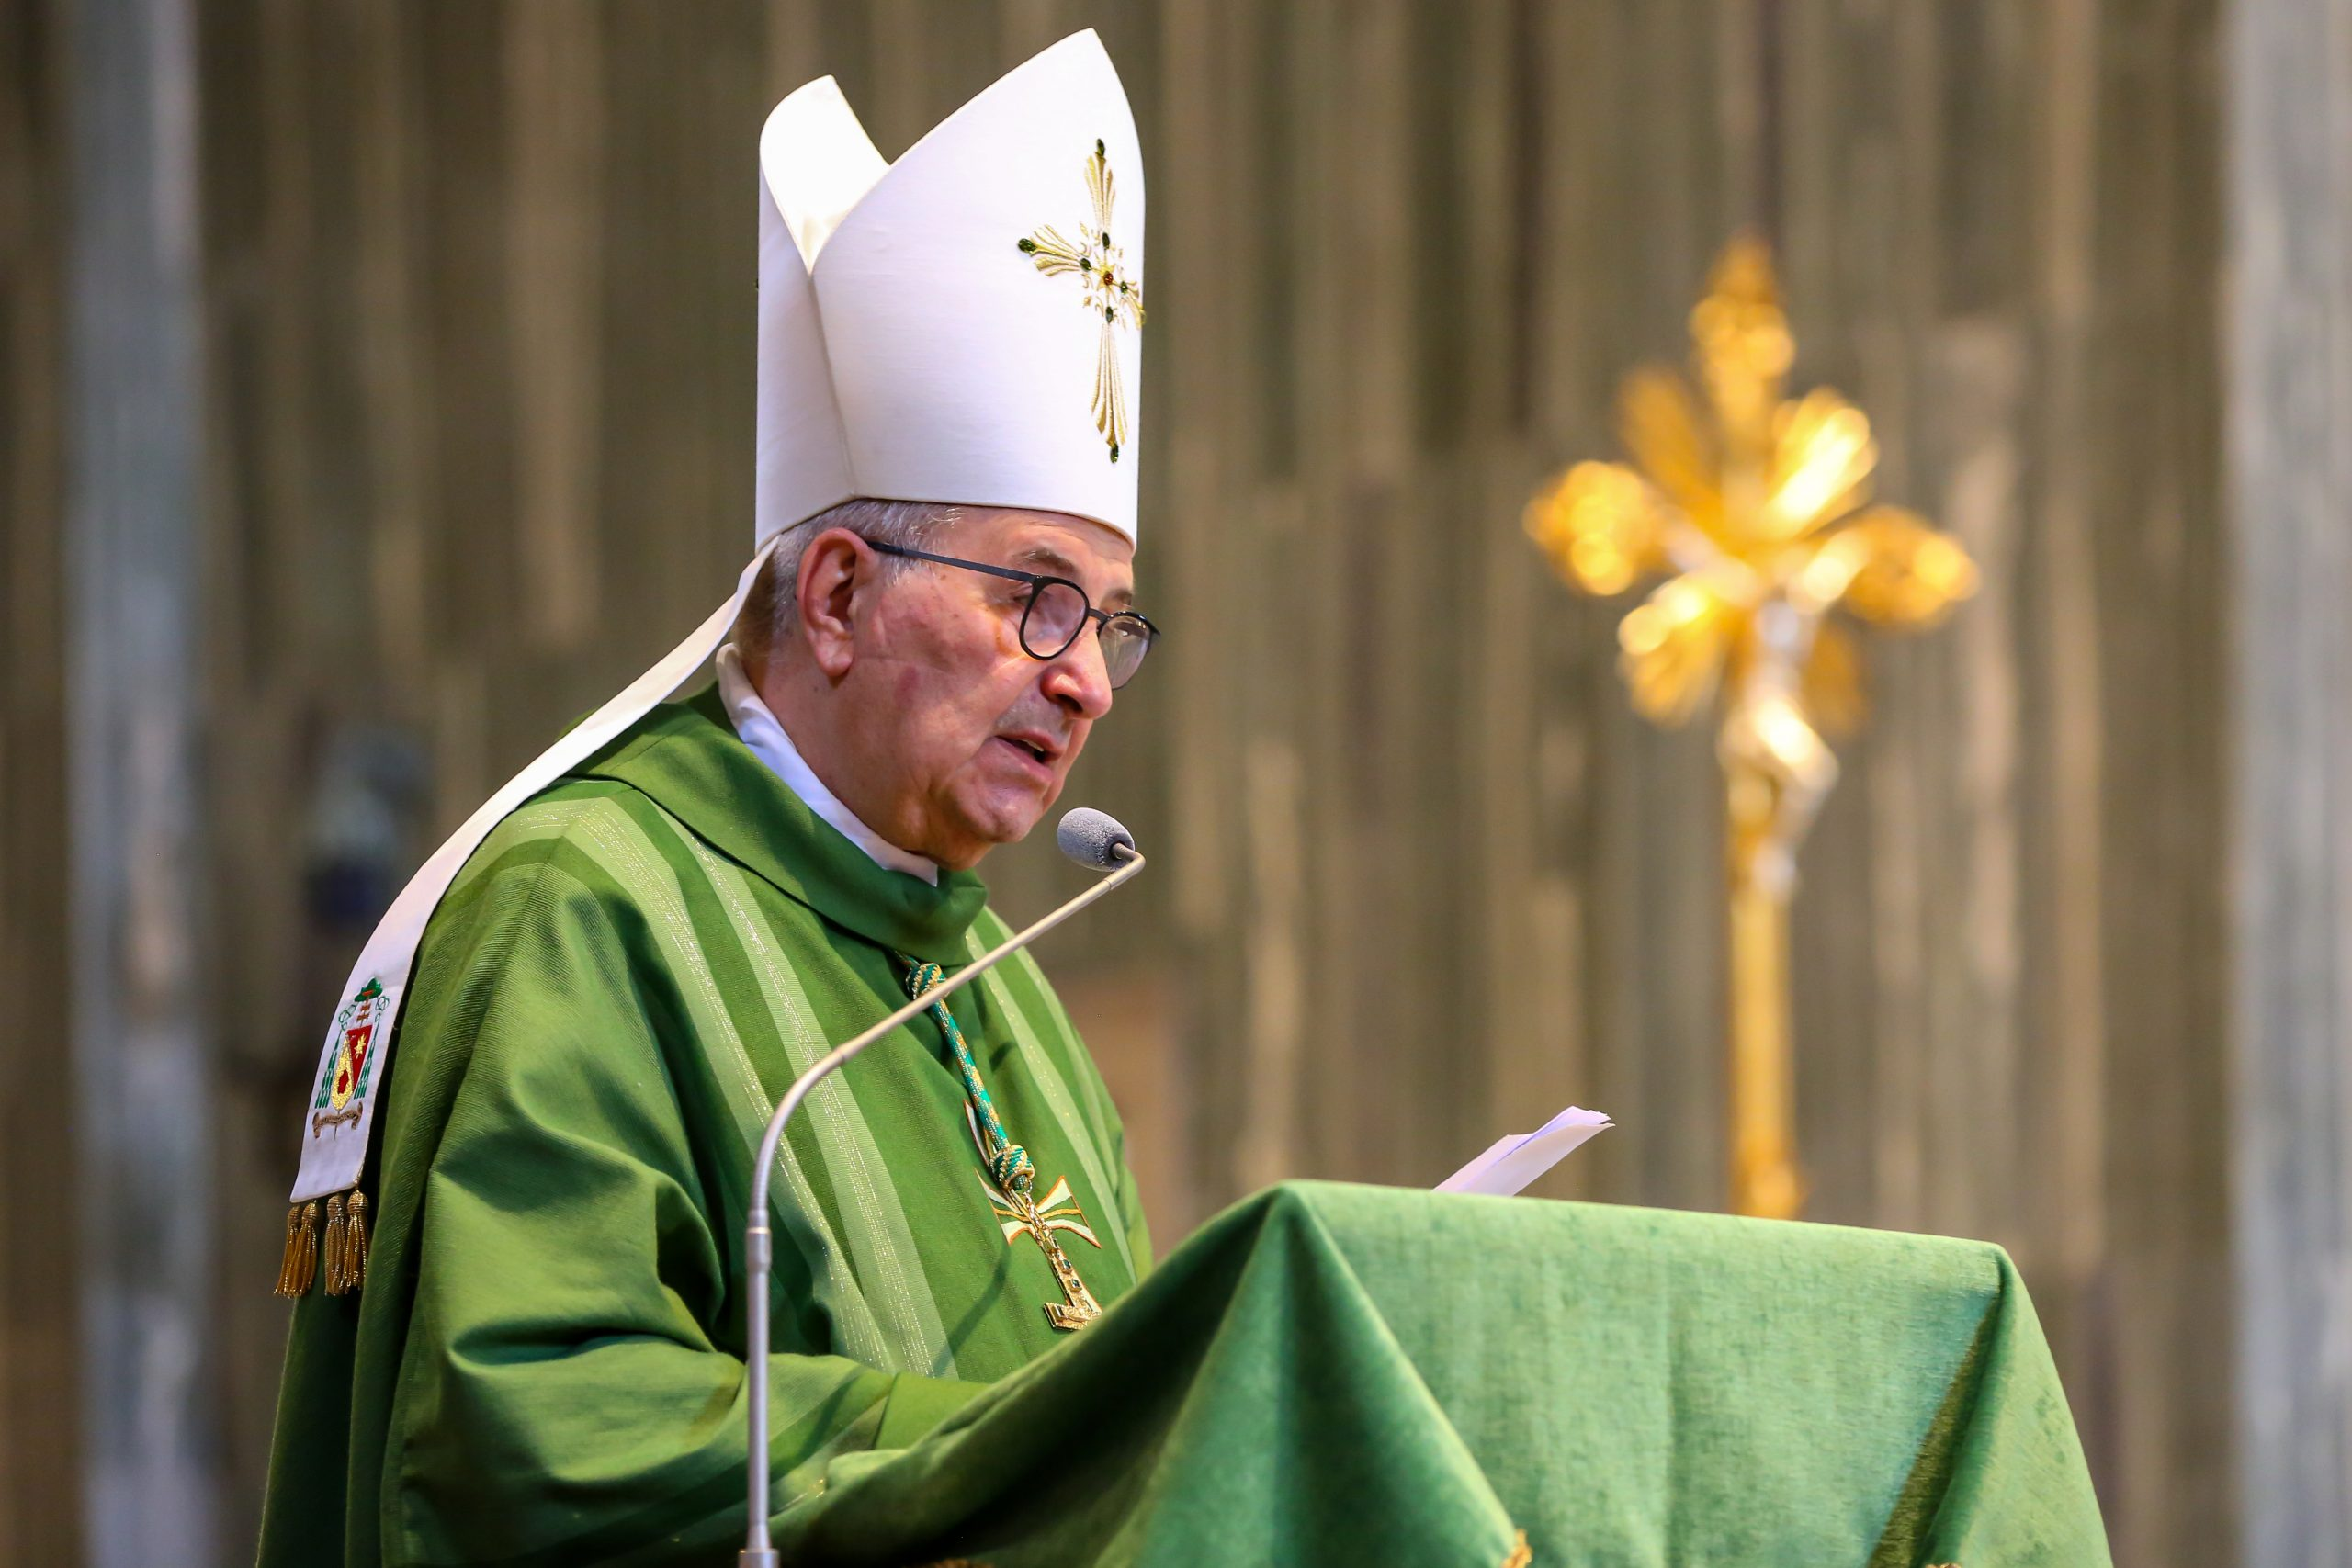 L'Arcivescovo celebra il suo 50° anniversario